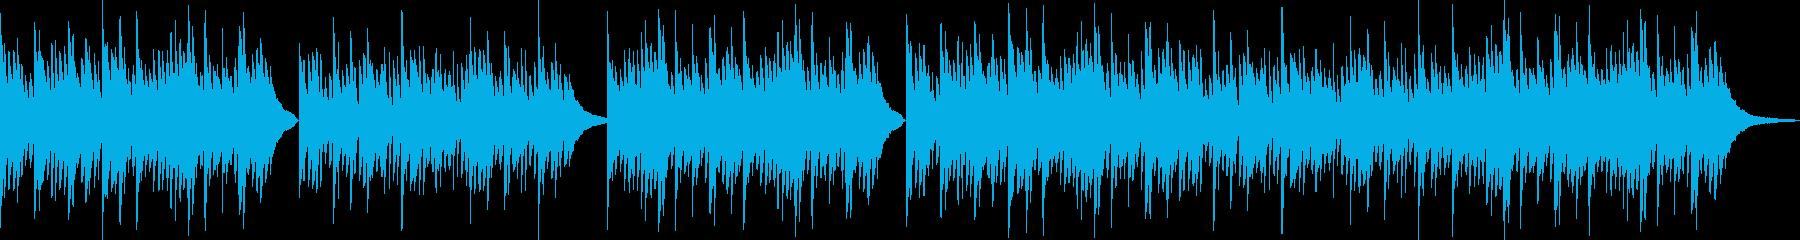 幻想的で不安な感じのピアノの再生済みの波形